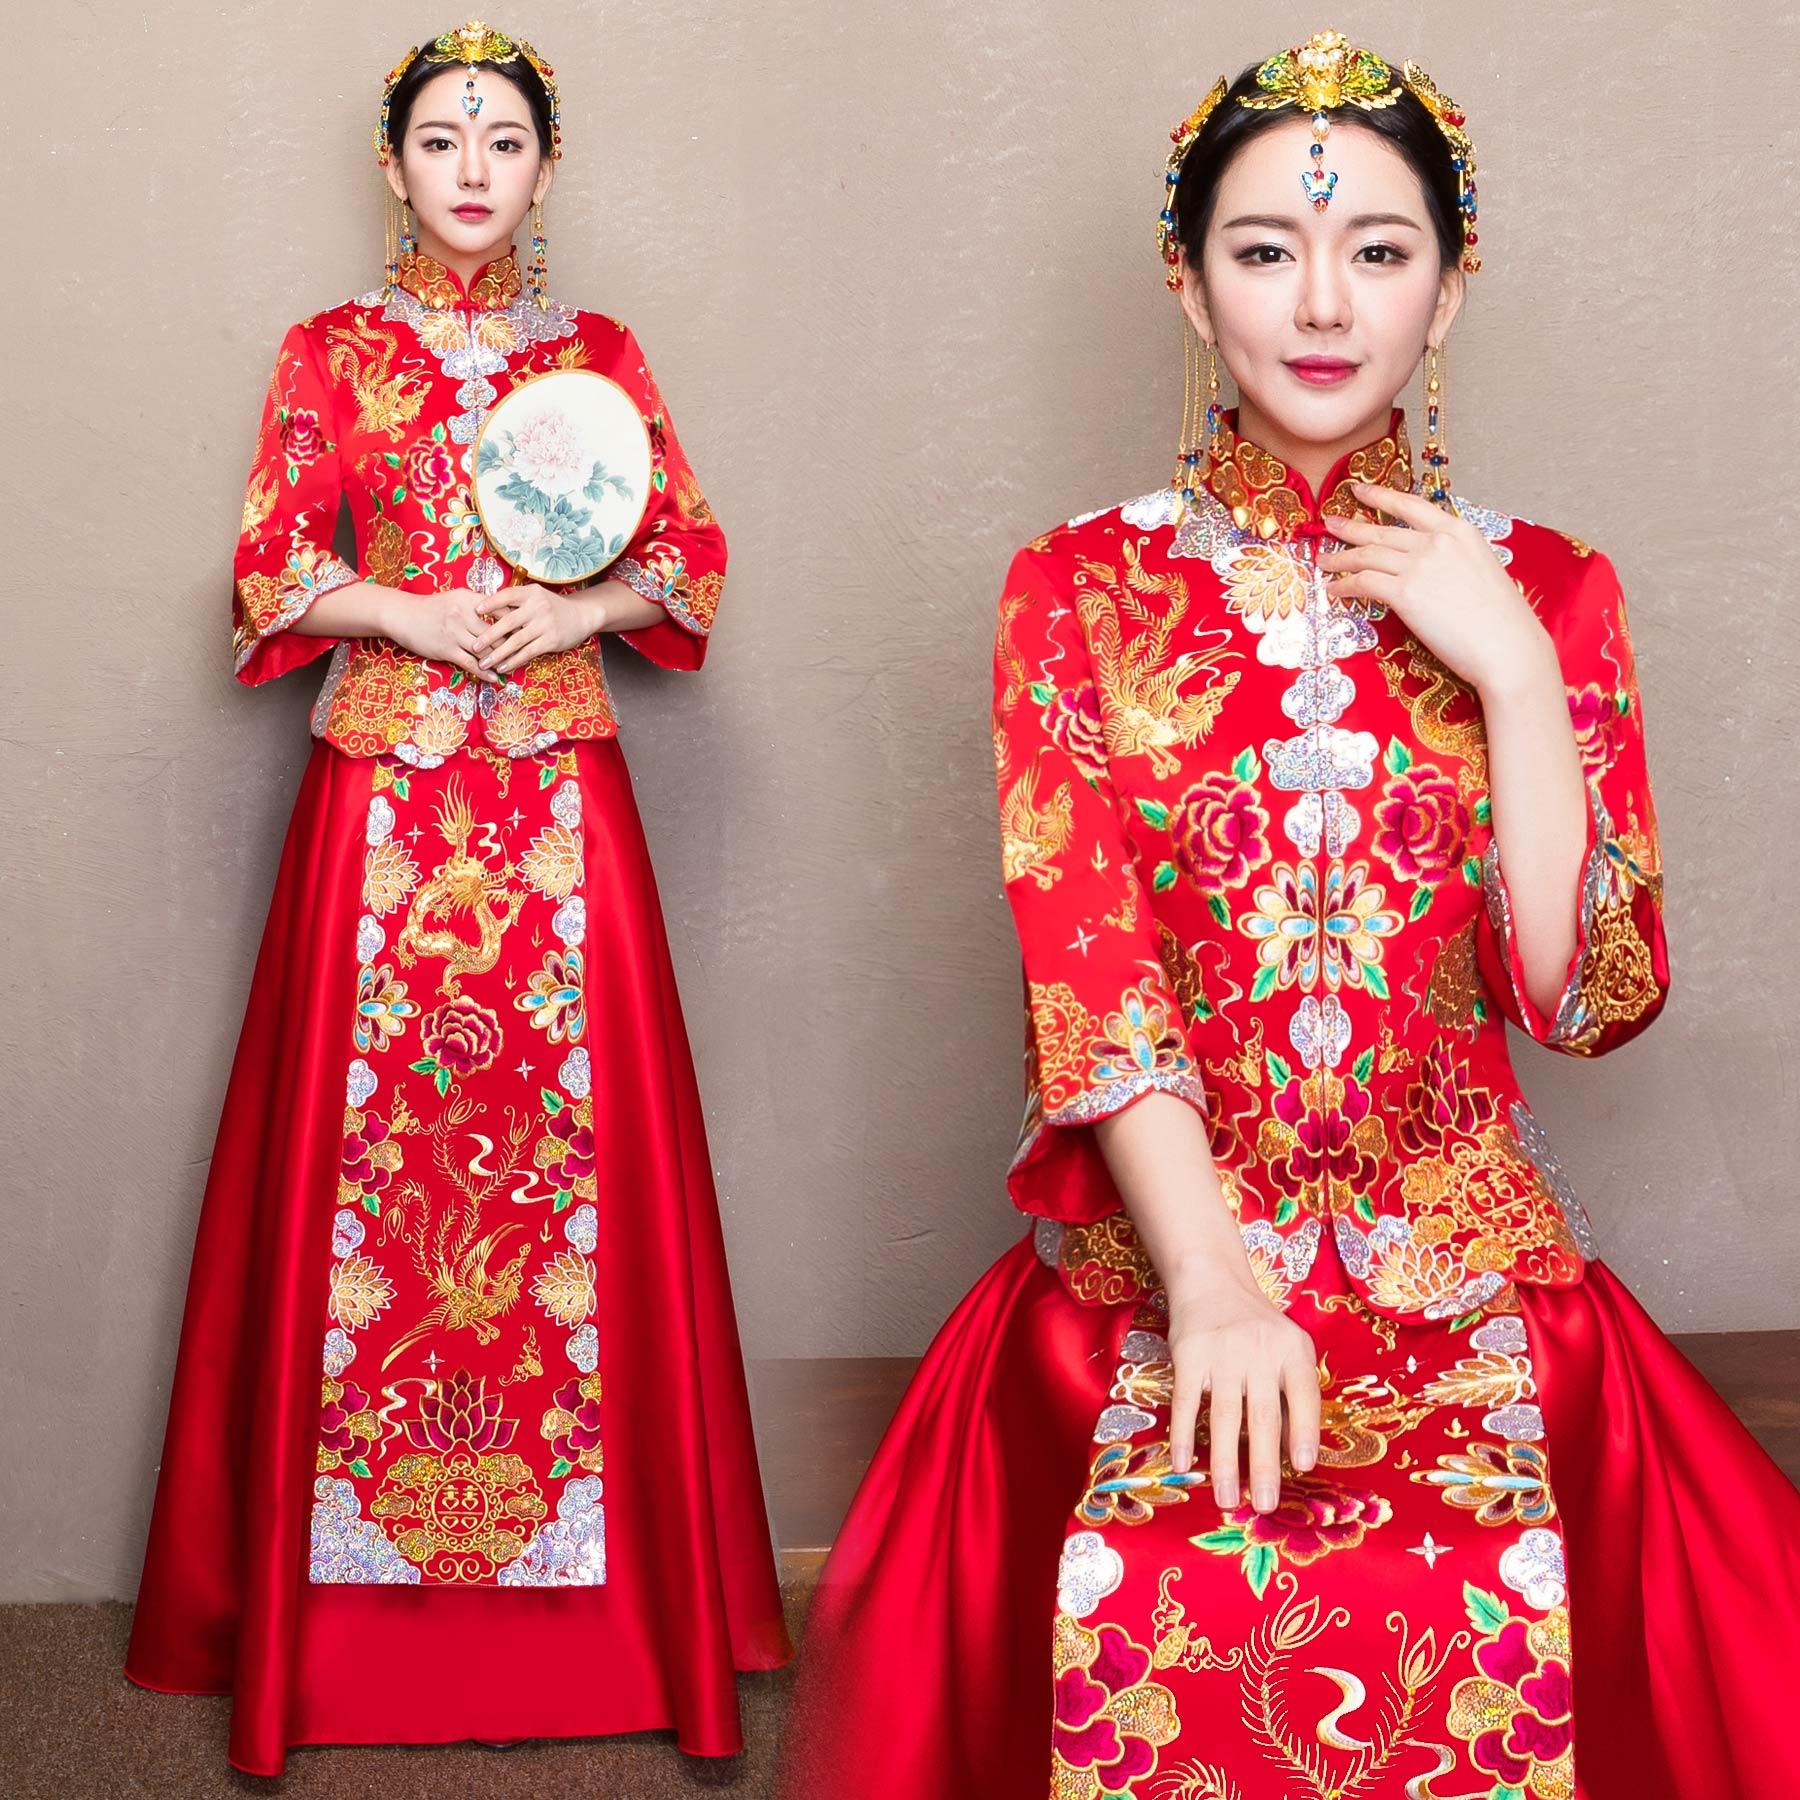 新娘服装红色古装图片_新娘衣服红色的古装_长沙婚庆公司蜜匠婚礼